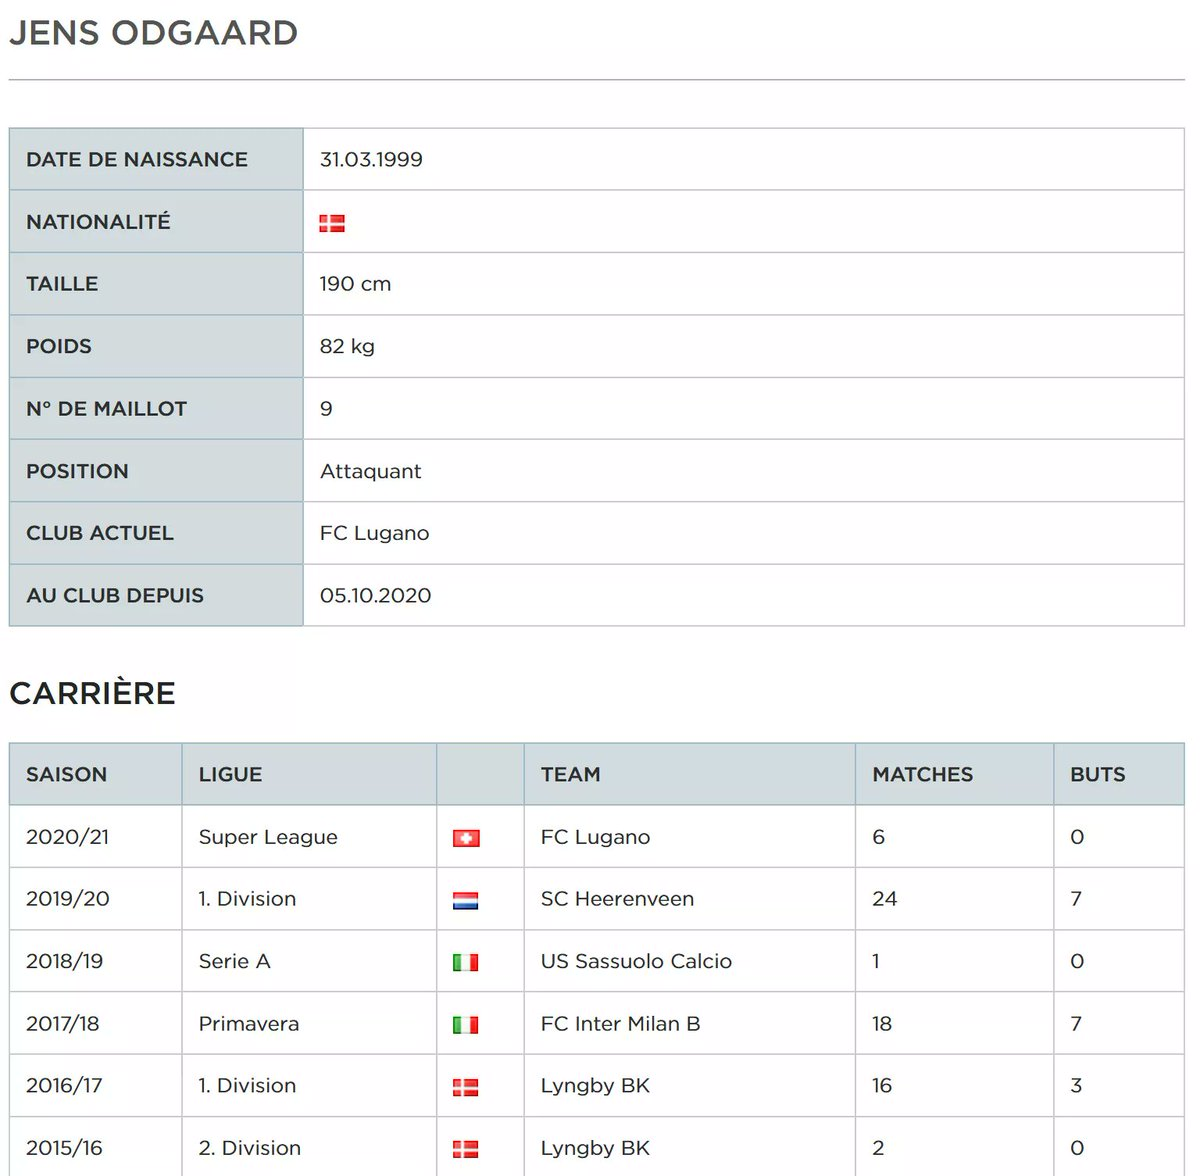 3 mois et demi et puis s'en va: l'attaquant danois 𝗝𝗲𝗻𝘀 𝗢𝗱𝗴𝗮𝗮𝗿𝗱 (21) tourne le dos au @FCLugano1908 où il n'a pas réussi à s'imposer pour s'engager avec Pescara, actuel 17e en Serie B italienne https://t.co/FzWGnyAdYK https://t.co/dizTgF7Dff